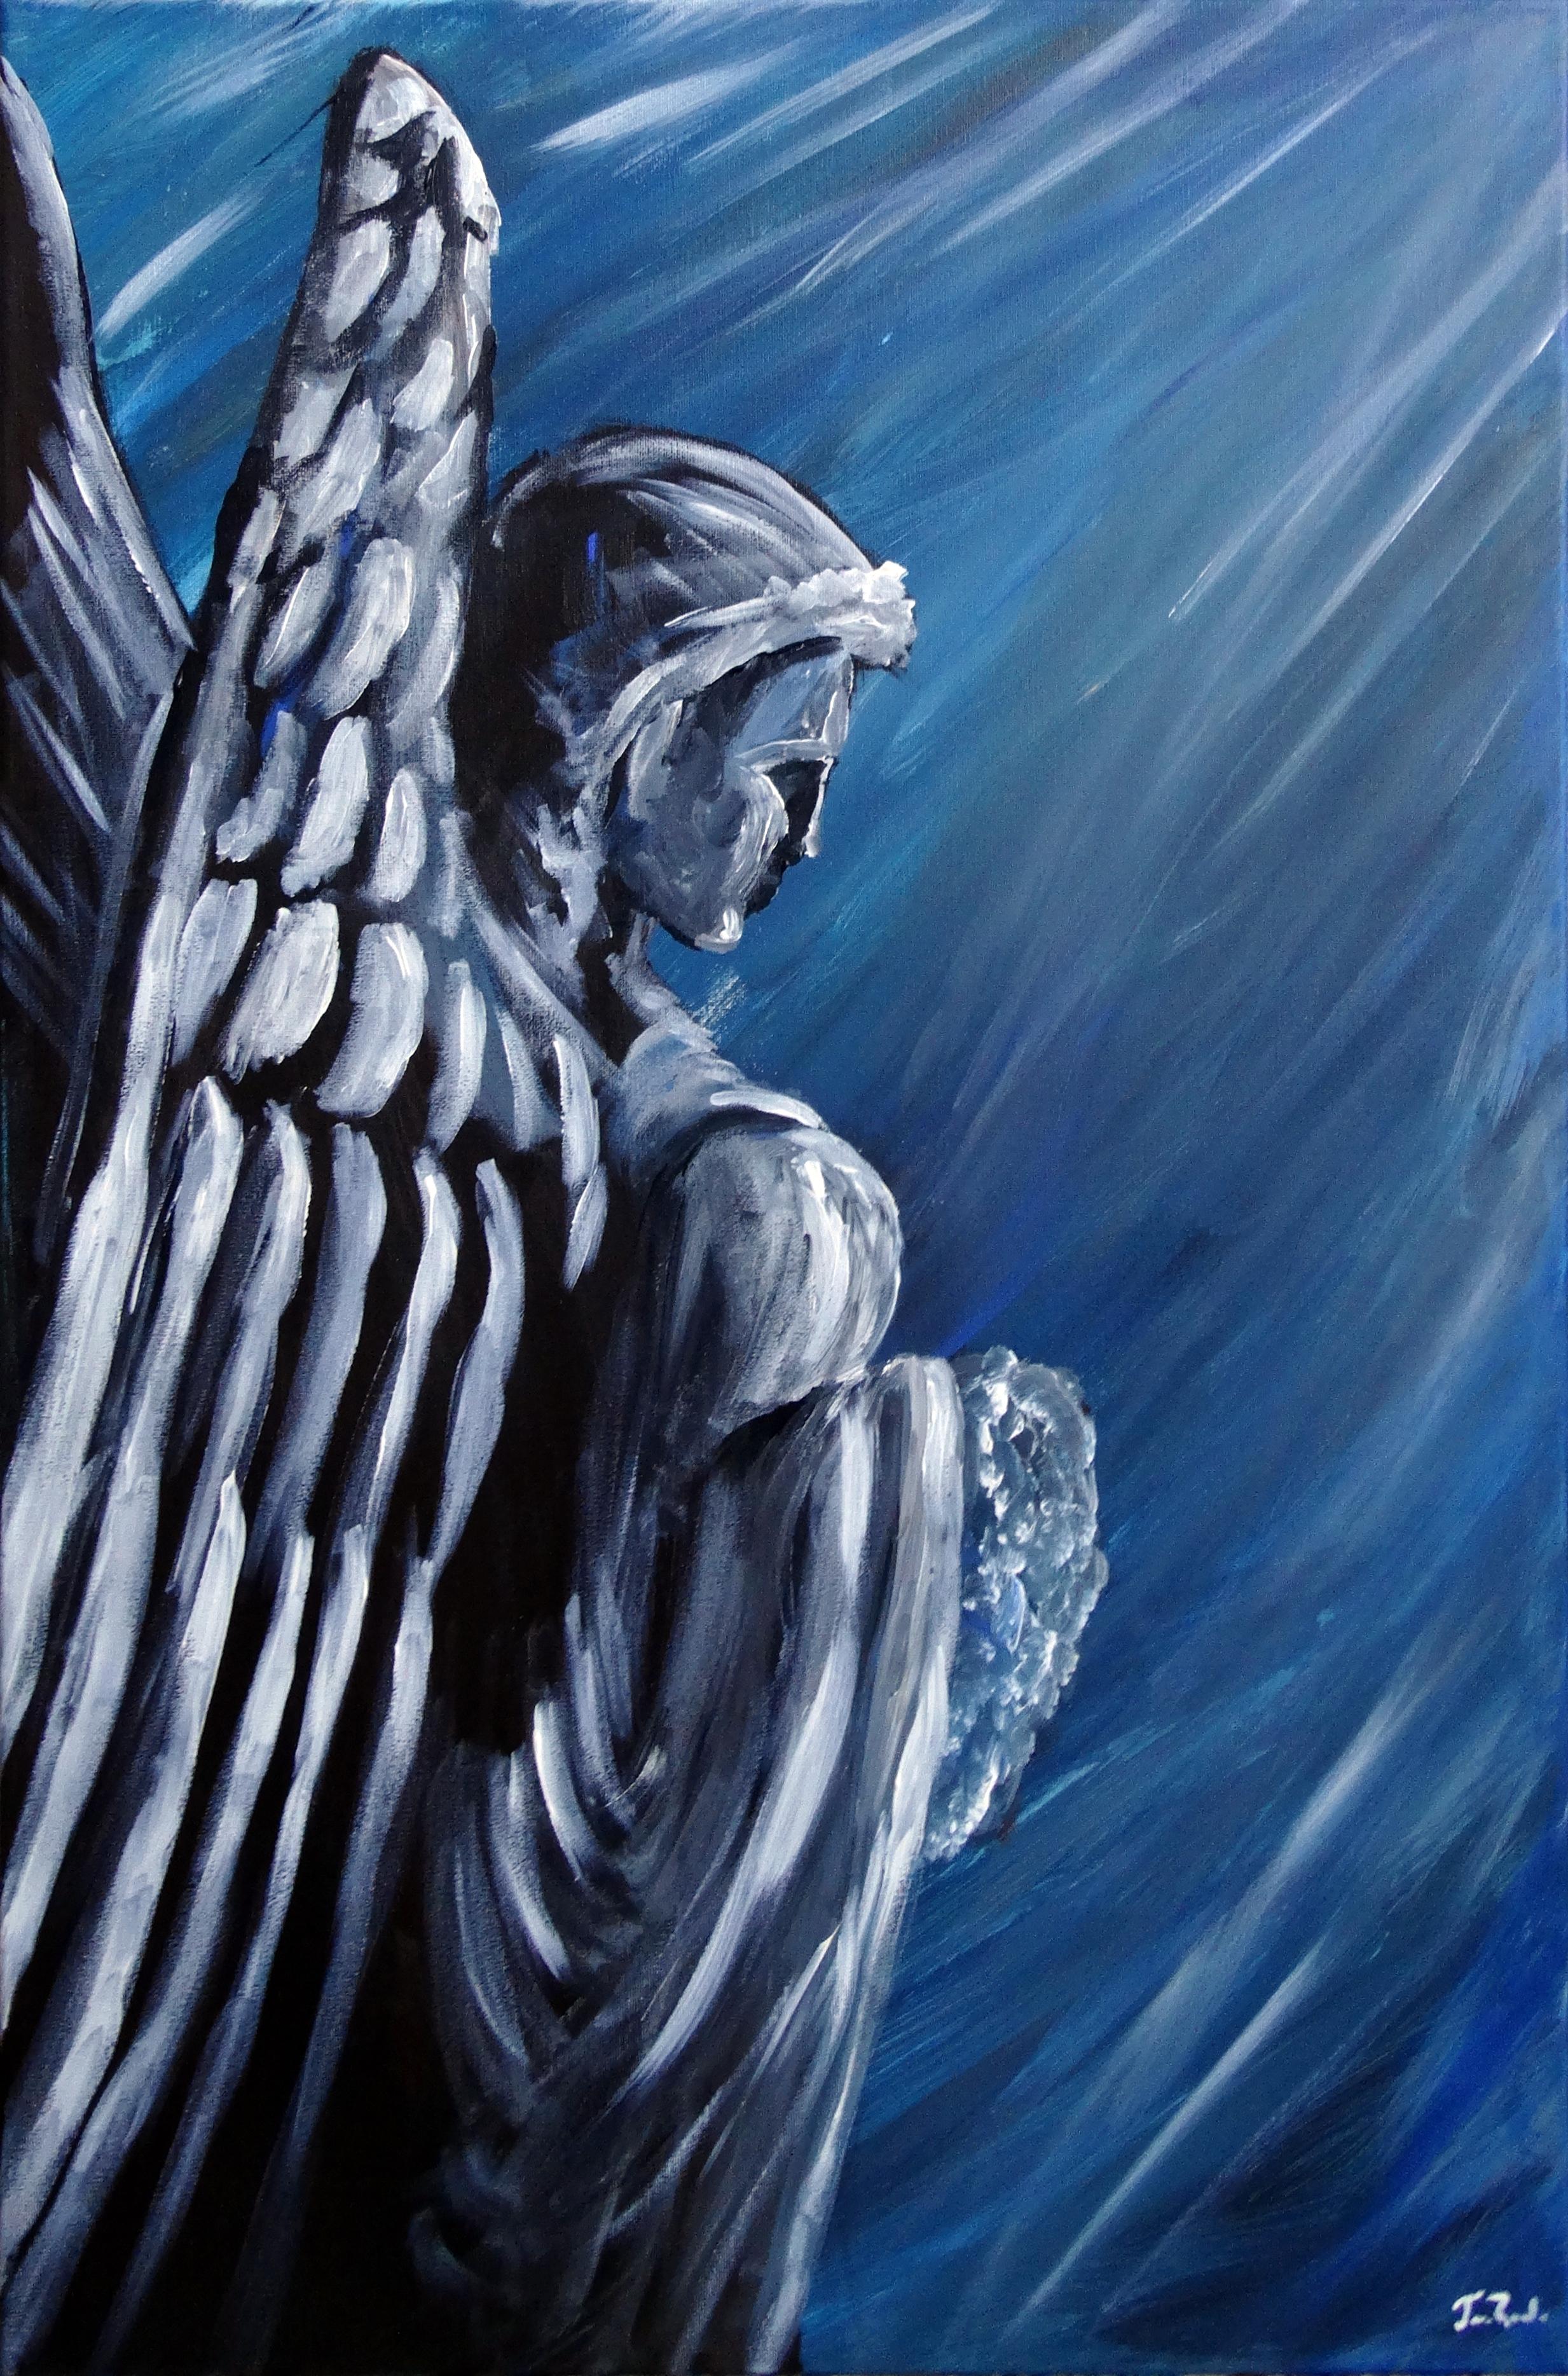 Blue Angel artwork by Jose Ronaldo Pinheiro Carneiro Filho - art listed for sale on Artplode